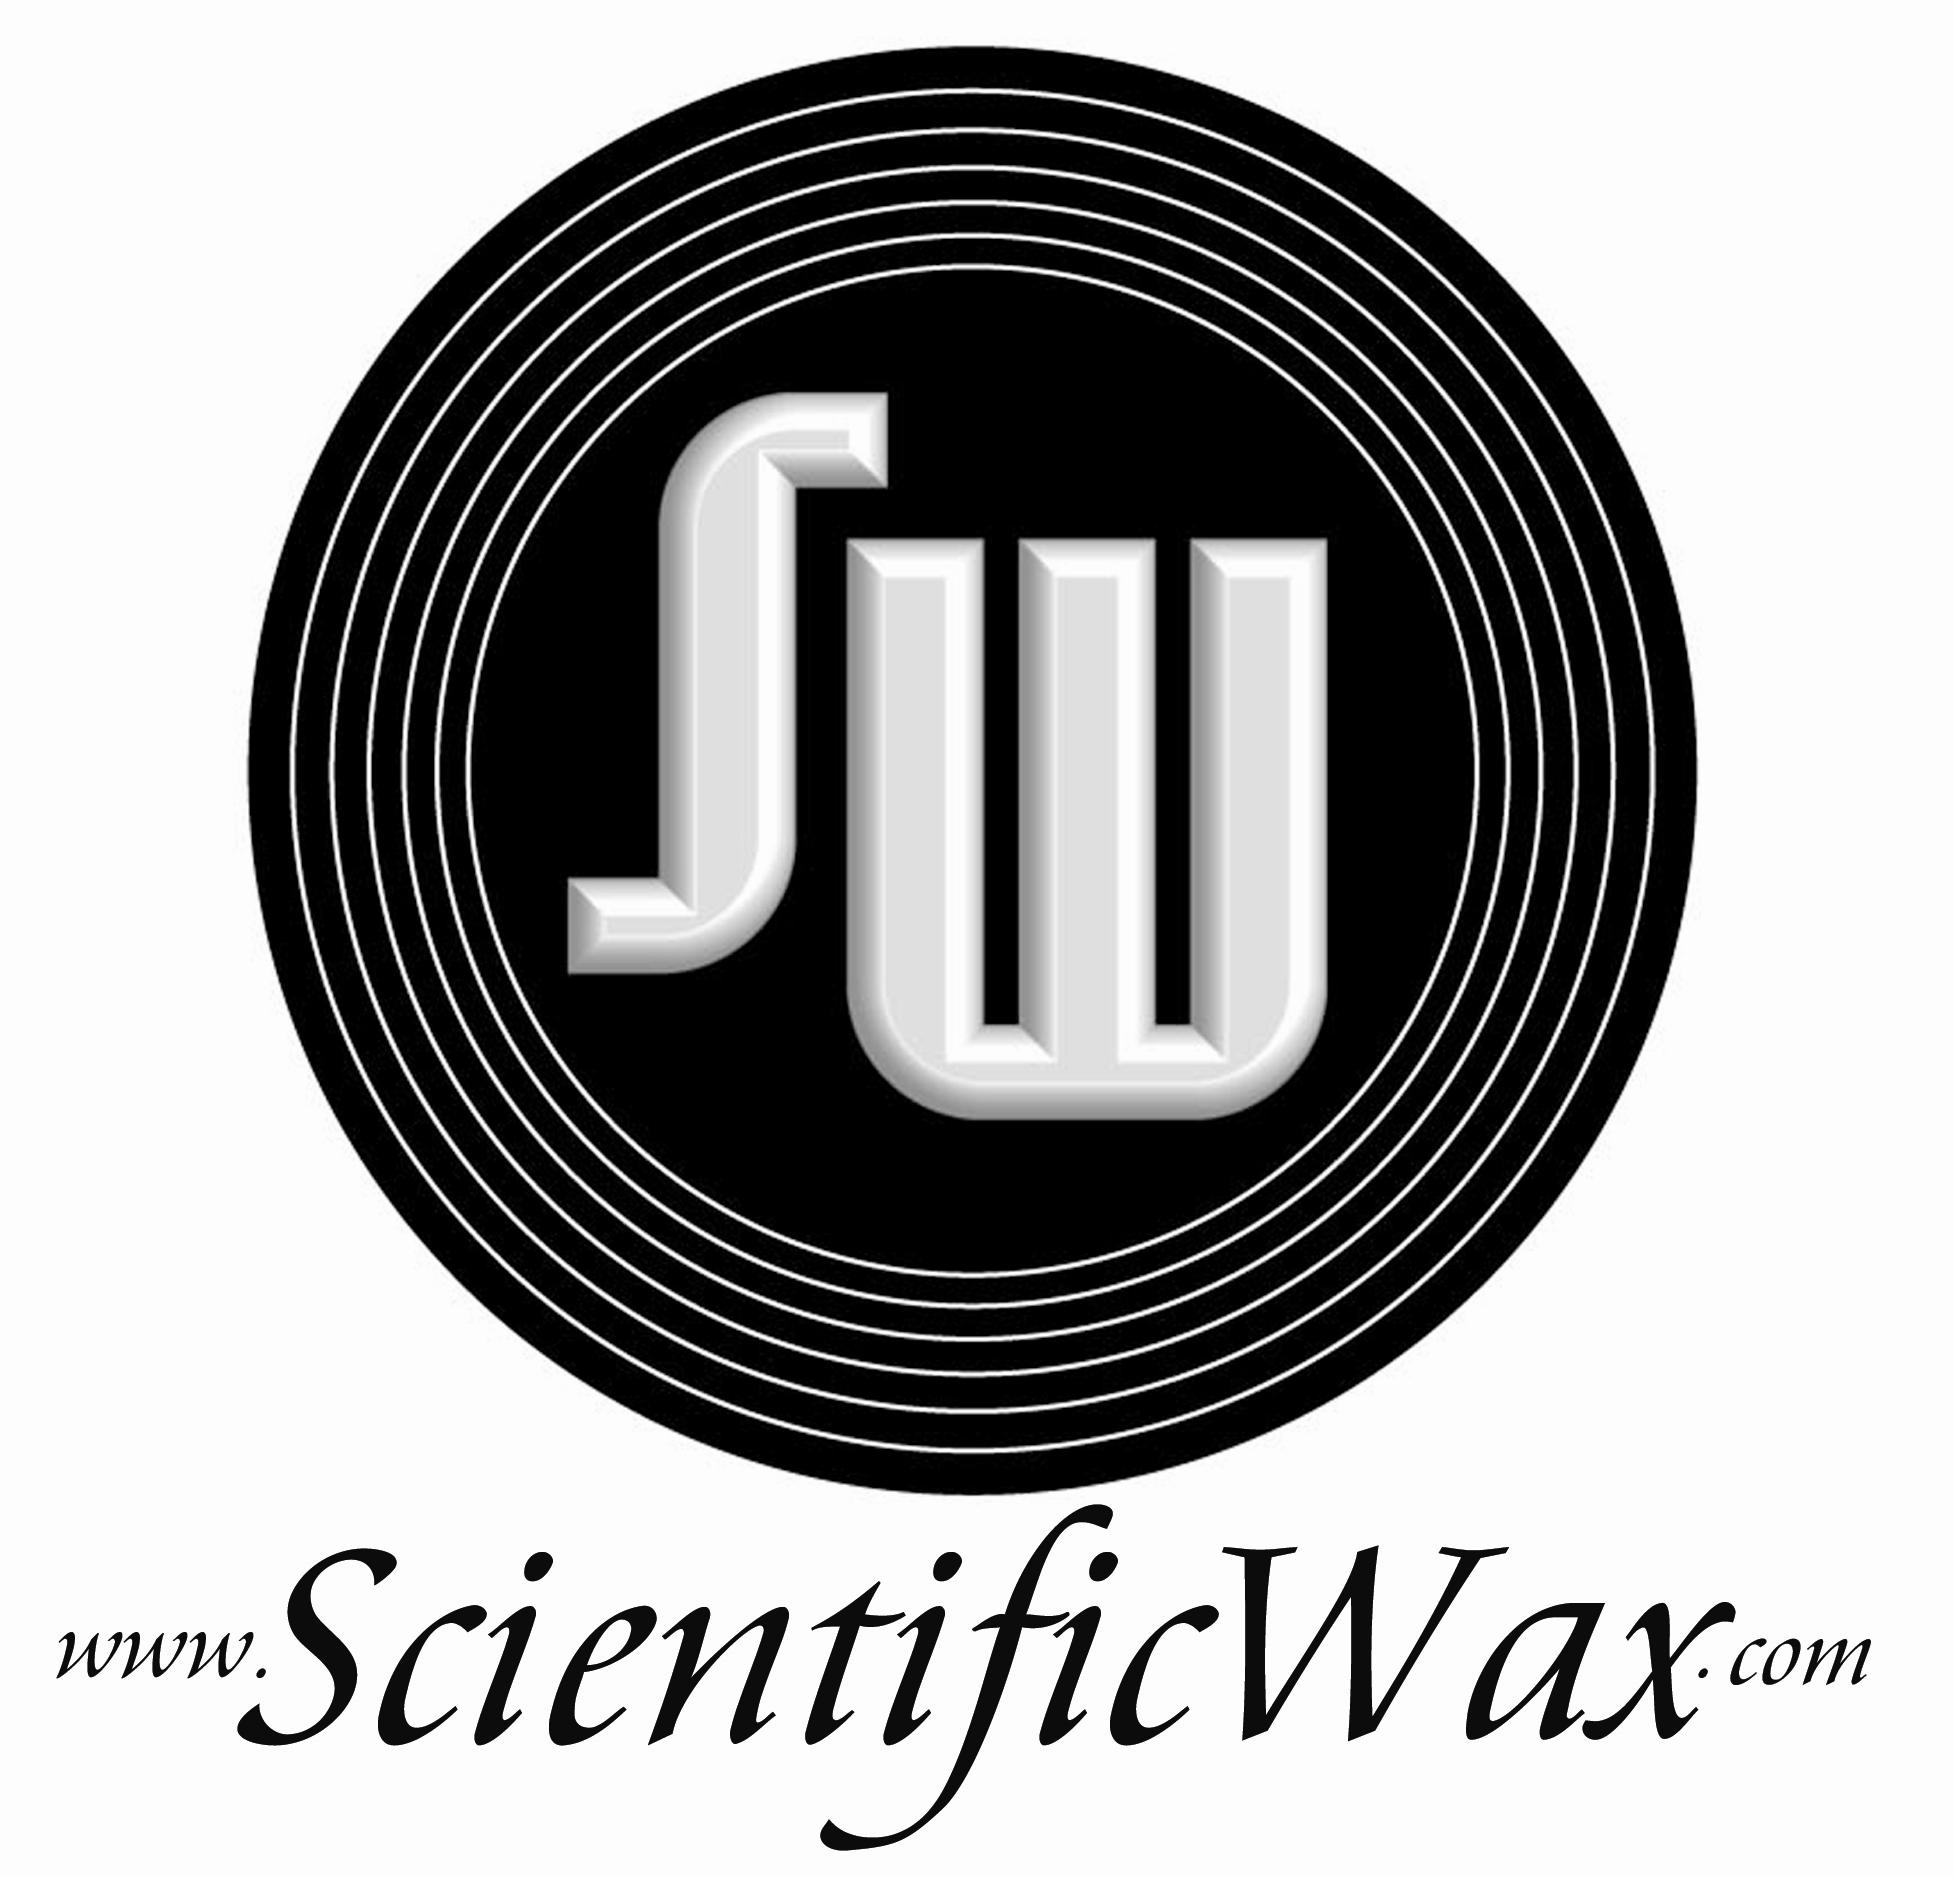 Scientific Wax